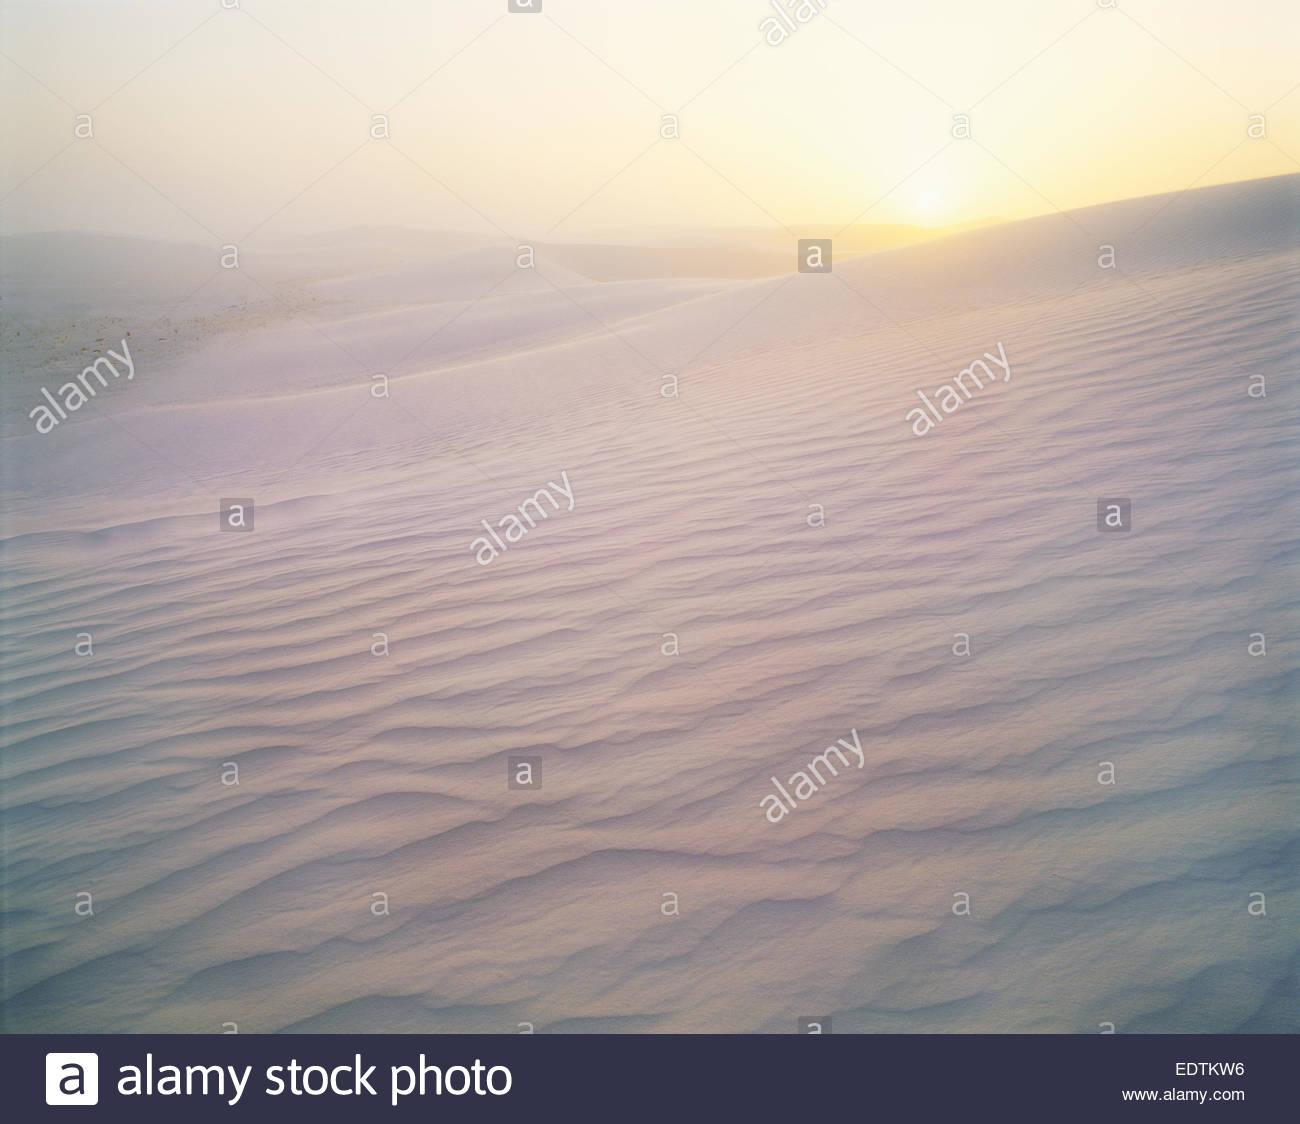 Vientos fuertes a lo largo de dunas de yeso en el amanecer. Monumento Nacional White Sands, Nuevo México. Imagen De Stock